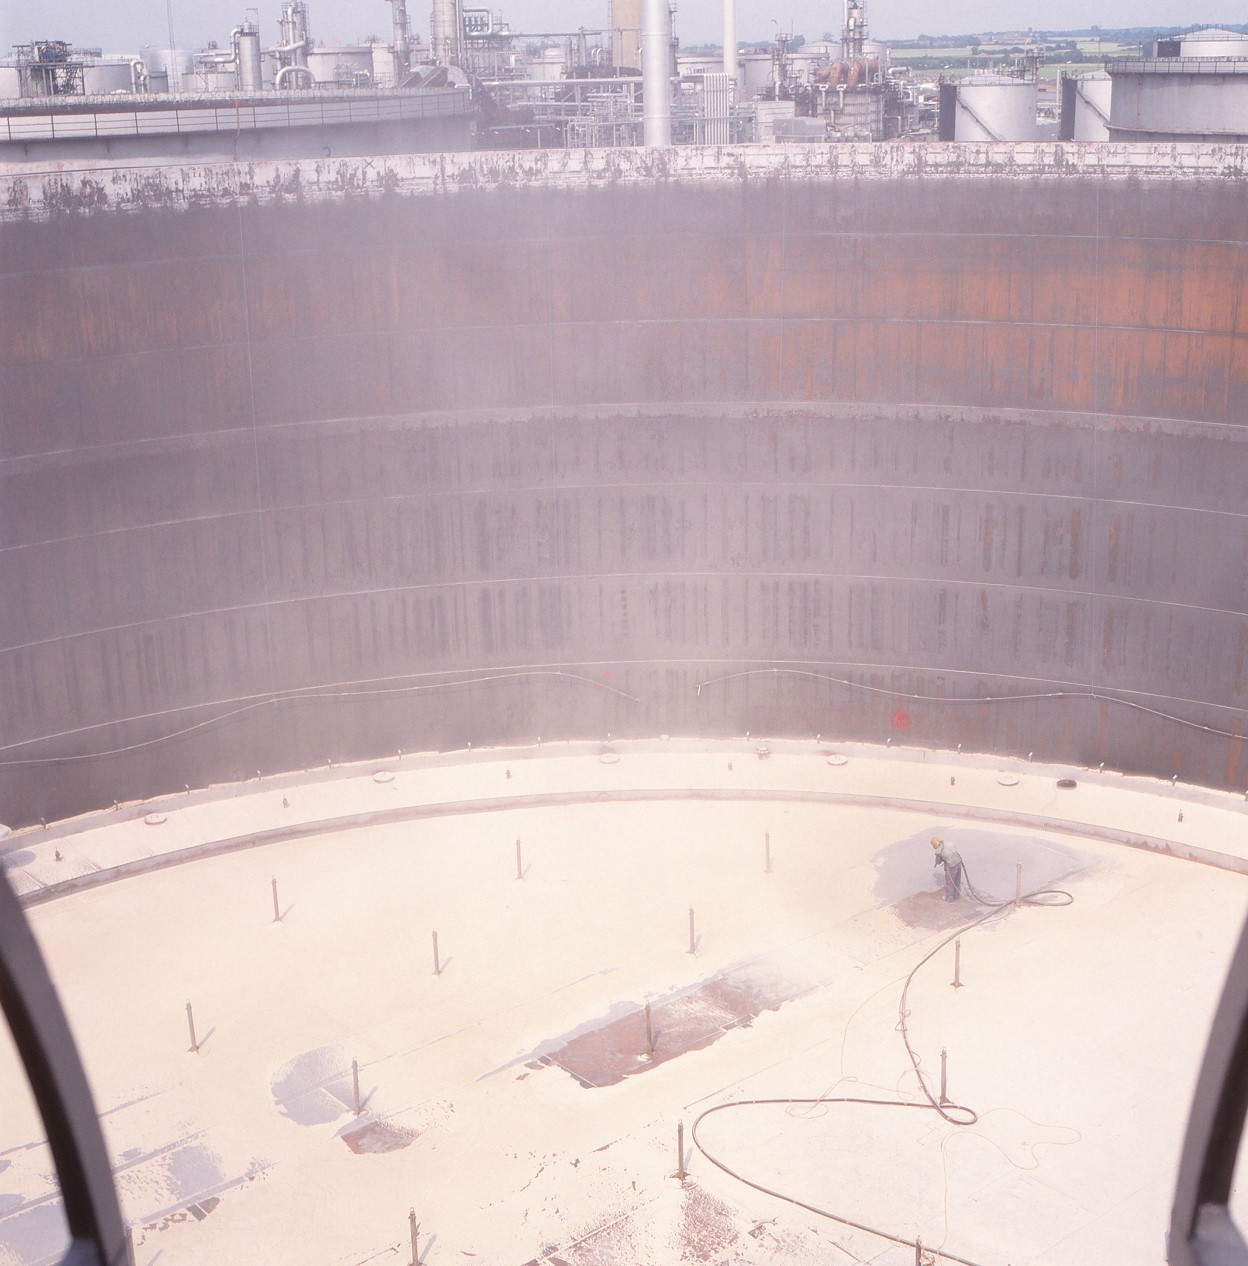 Udførelse af overfladebehandling af stål